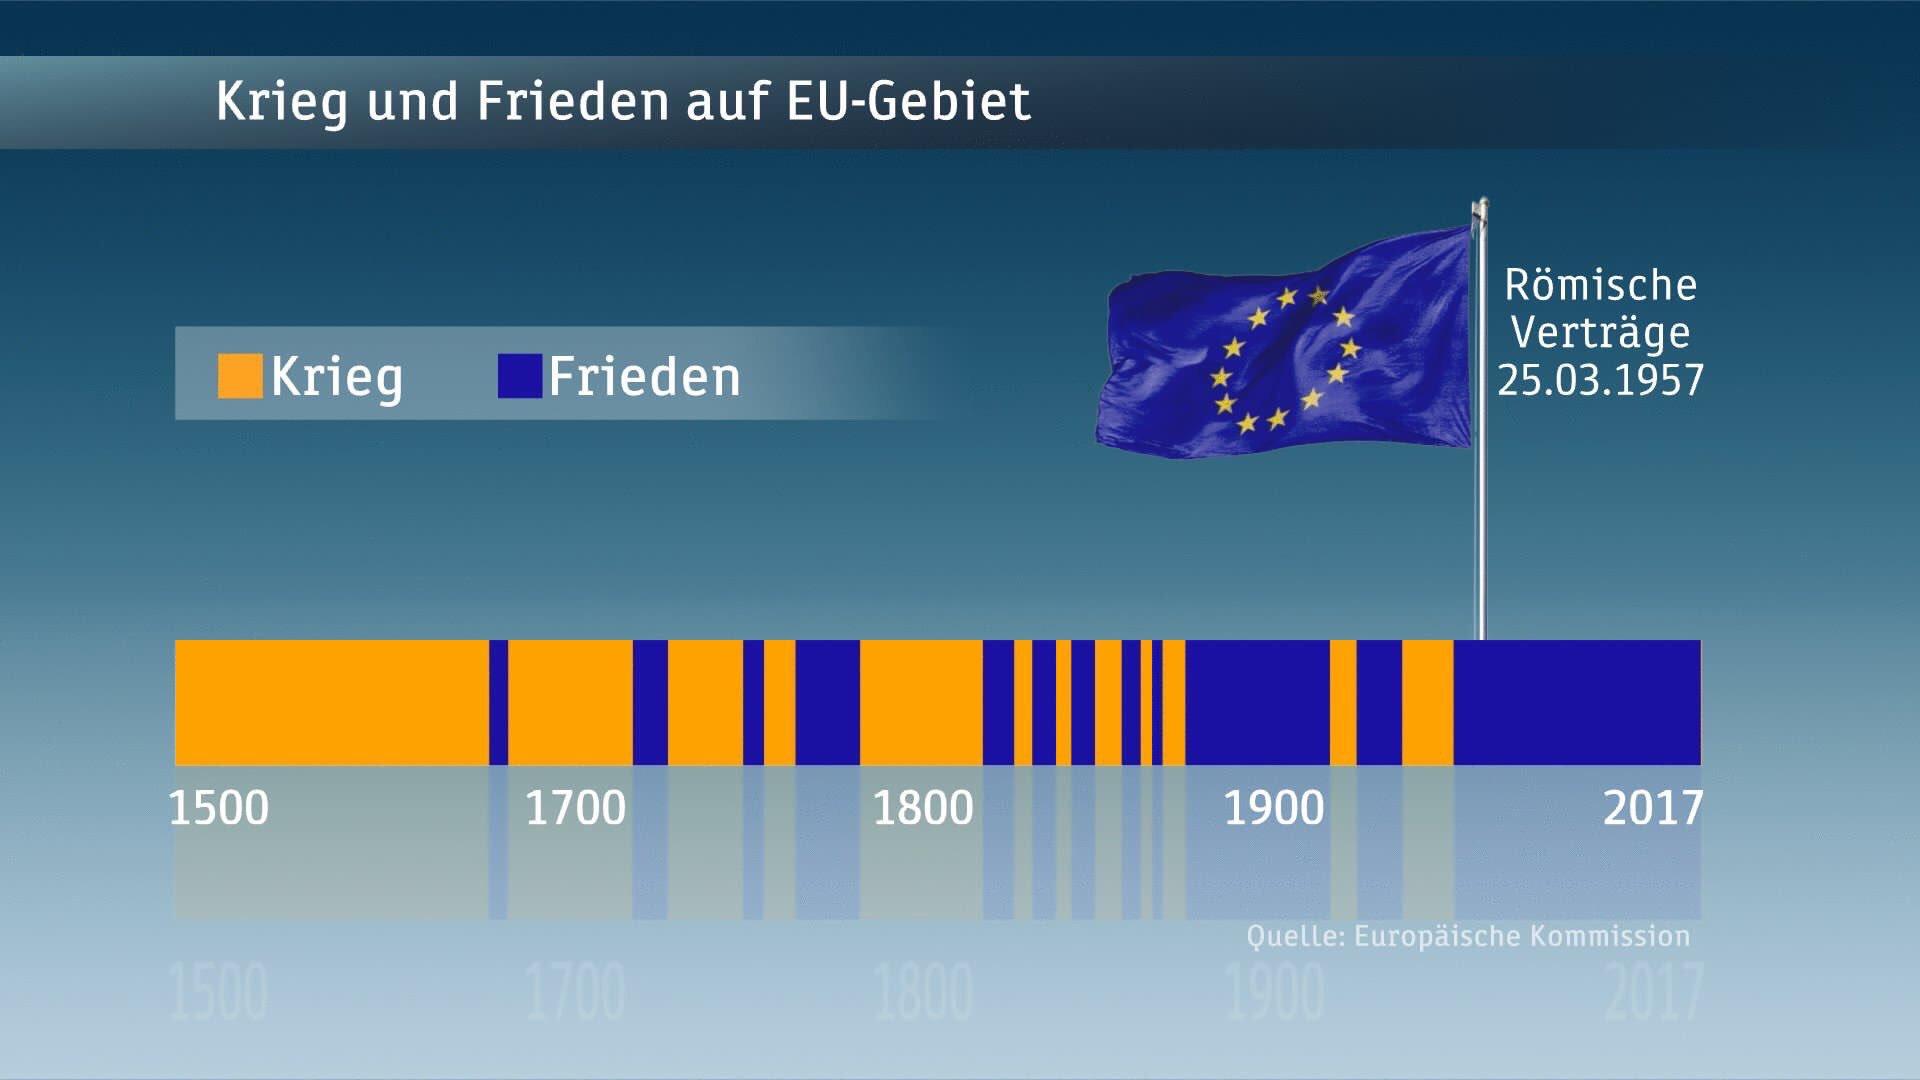 Europa ist viel mehr als nur ein Binnenmarkt, es ist ein großes Friedensprojekt, das Emotionen ebenso wie Institutionen braucht. Grafik: Europäische Kommission